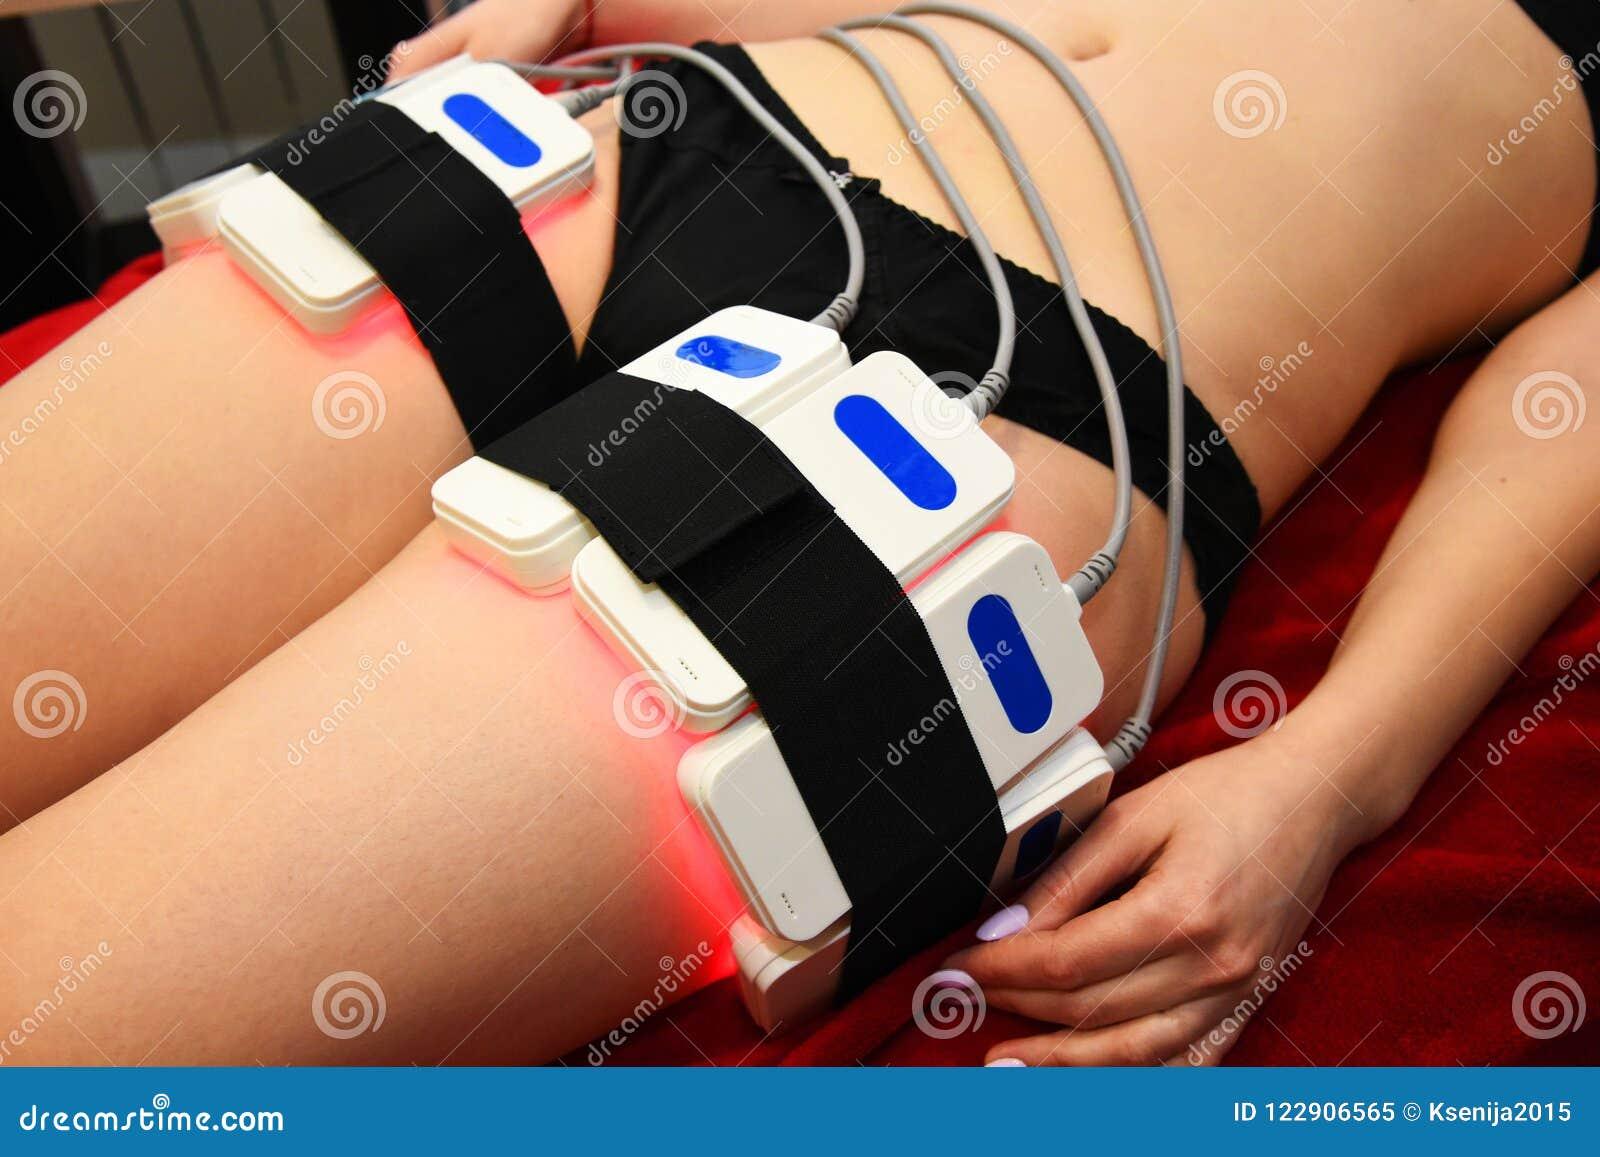 Лазер Lipo Косметология оборудования женщина воды спы здоровья ноги внимательности тела Не хирургическое тело ваяя обработка тела